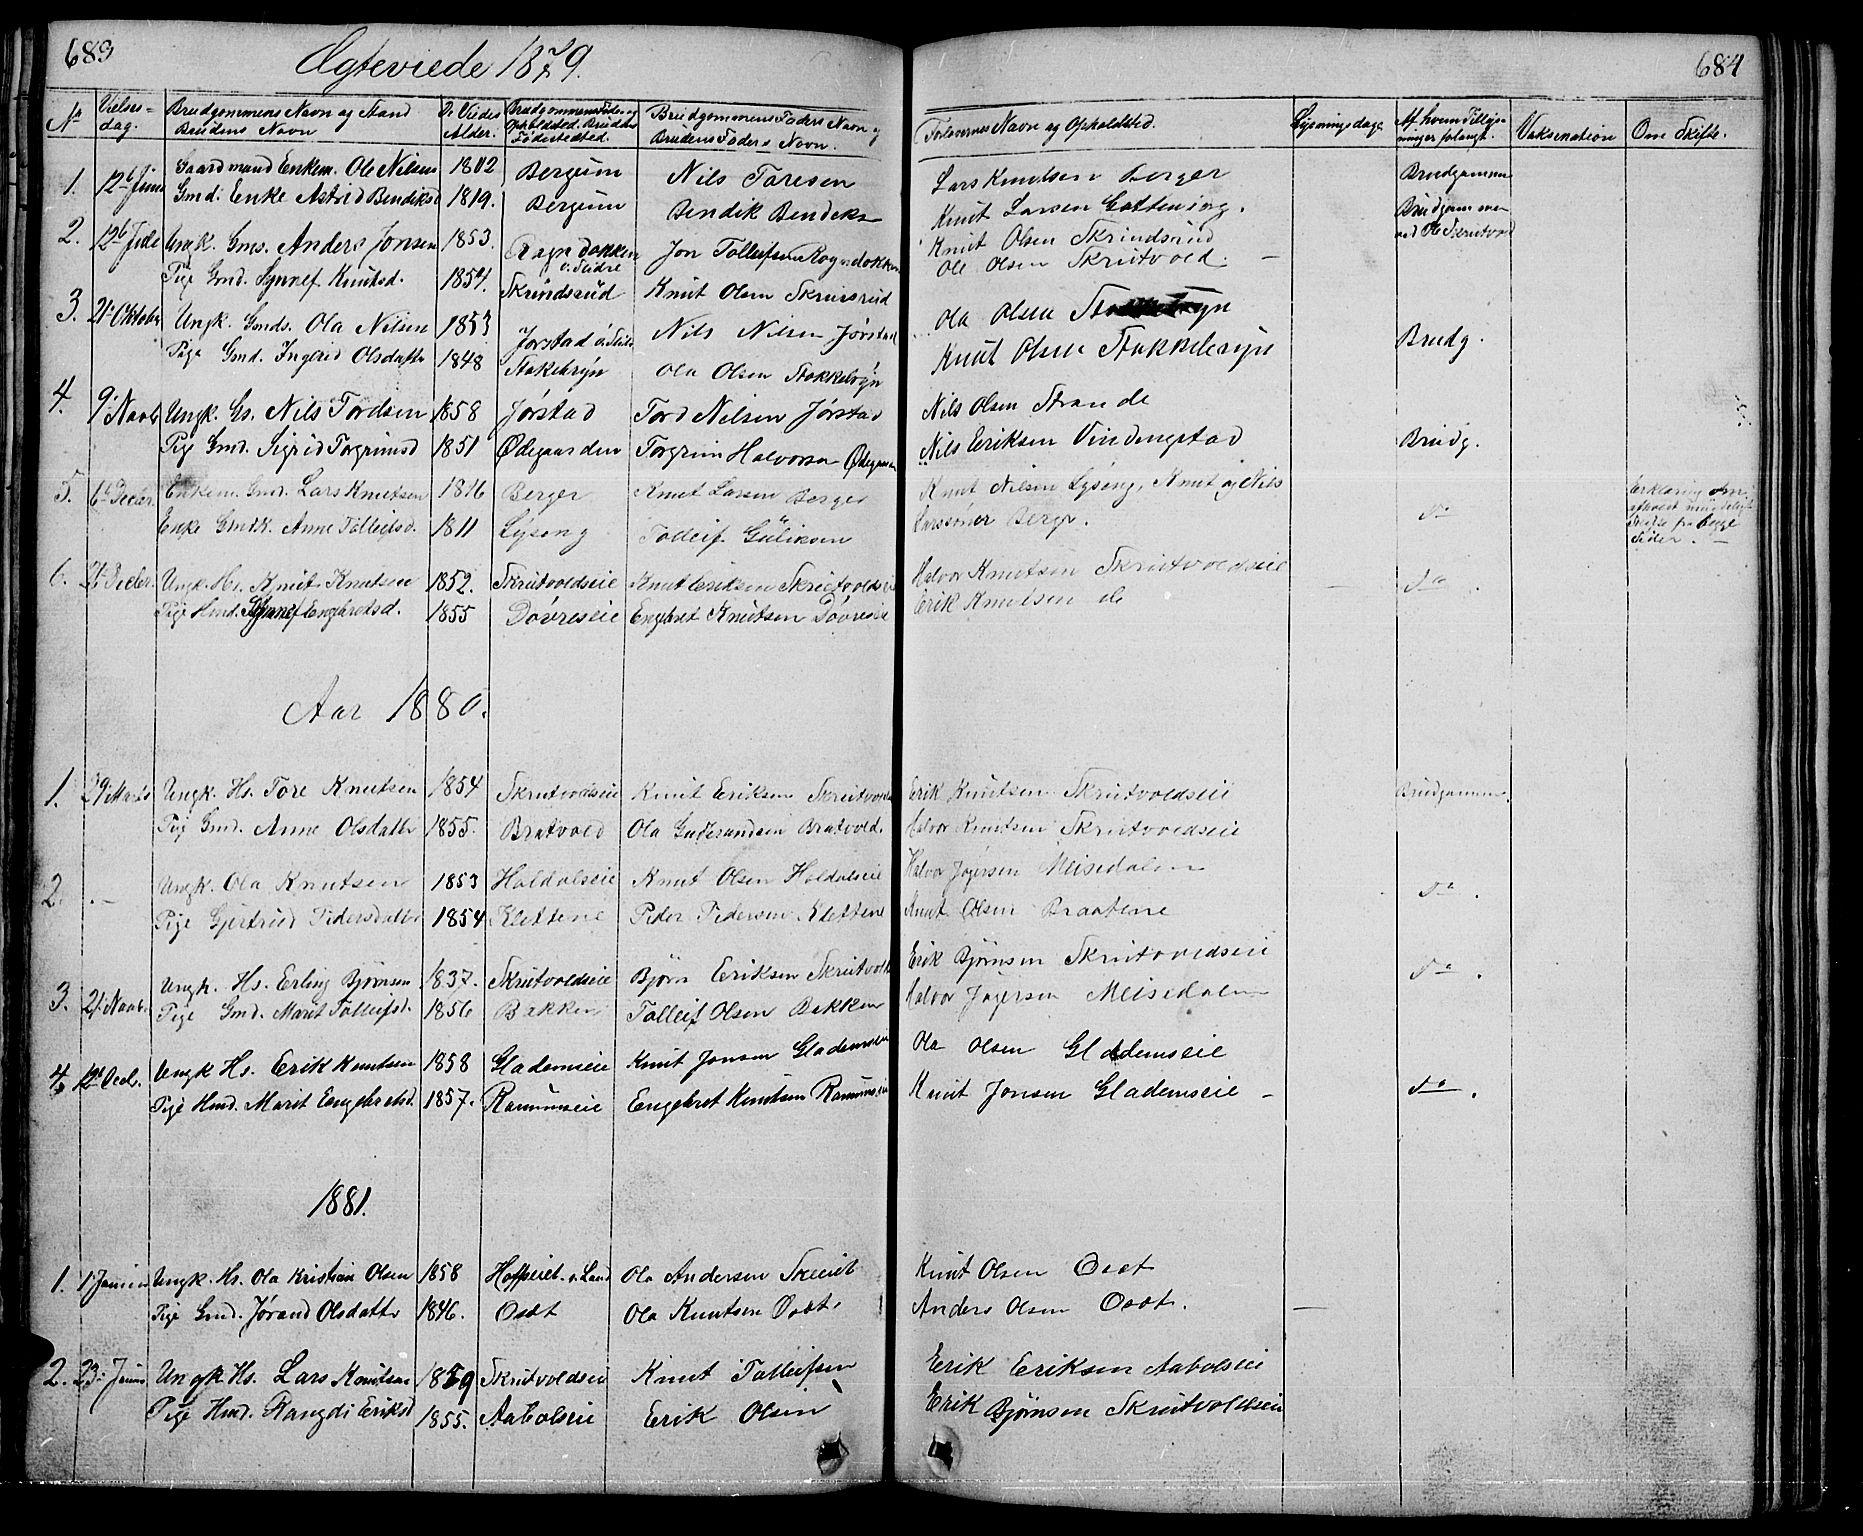 SAH, Nord-Aurdal prestekontor, Klokkerbok nr. 1, 1834-1887, s. 683-684